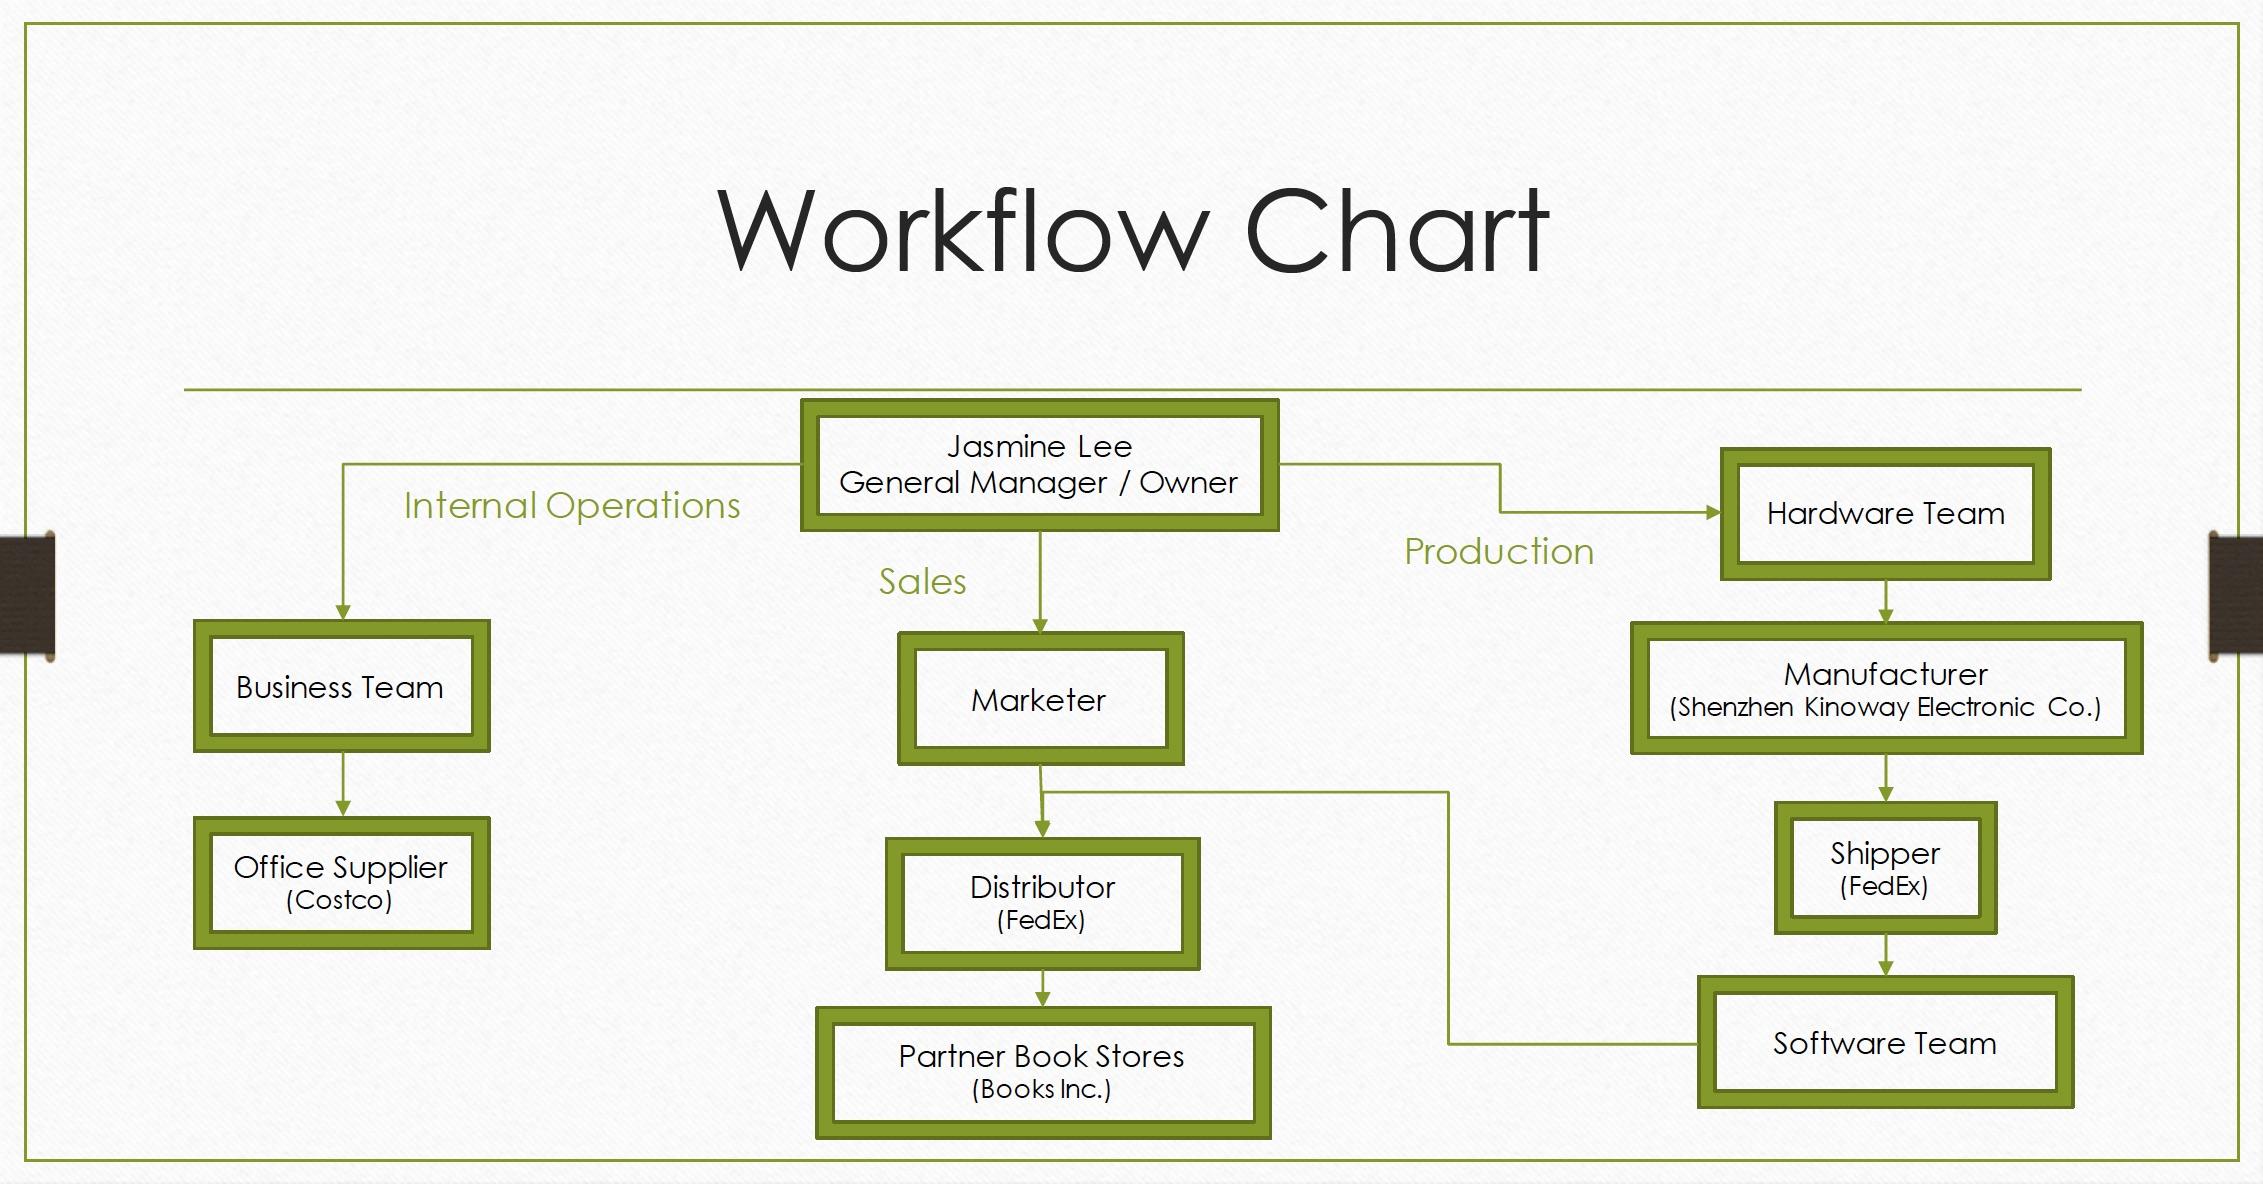 WorkflowChart.jpg